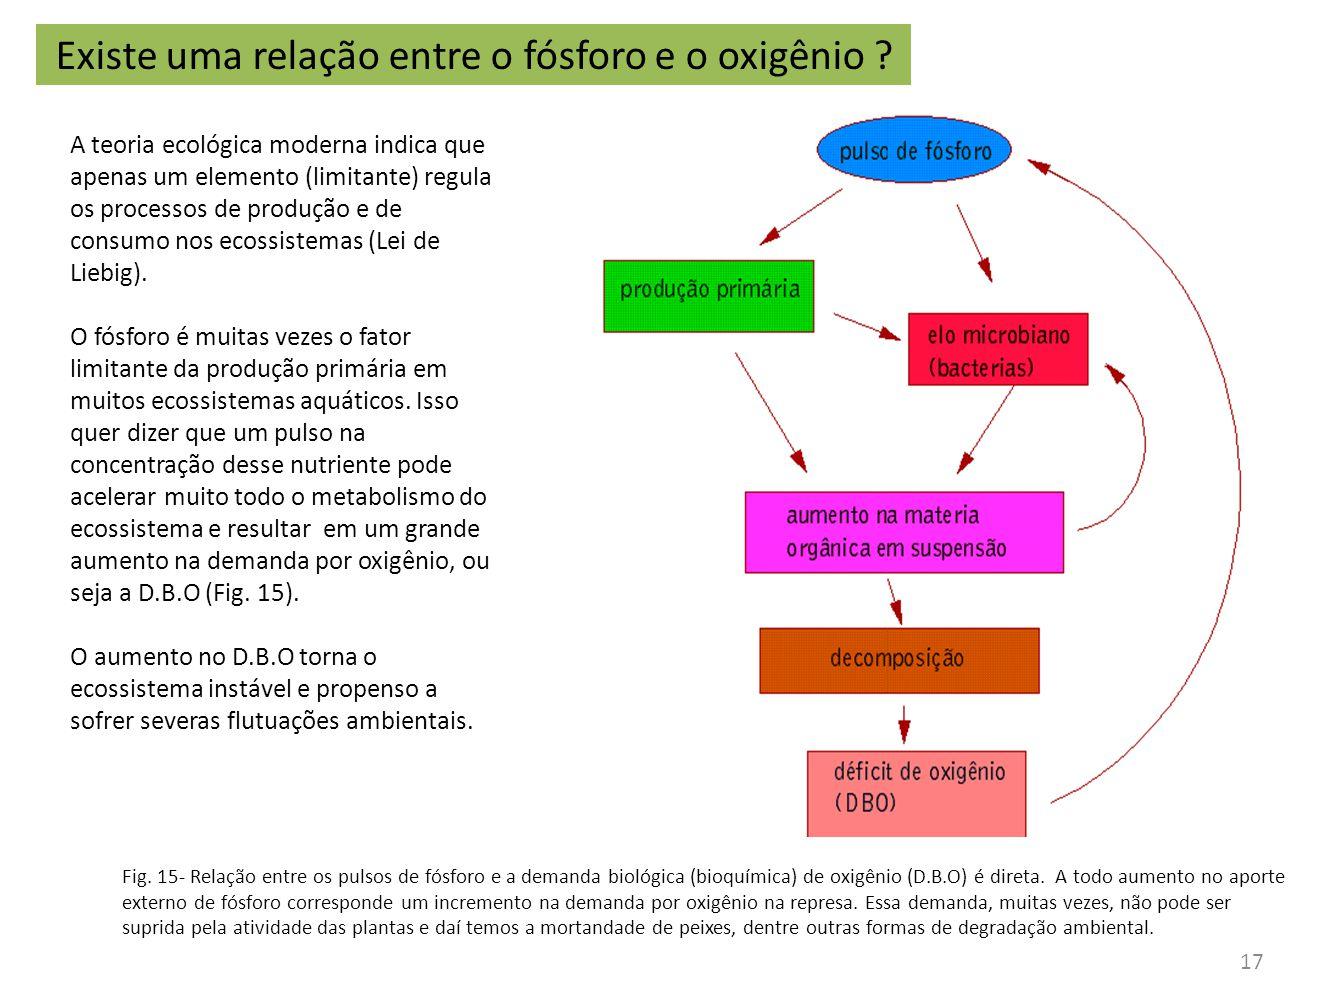 Fig. 15- Relação entre os pulsos de fósforo e a demanda biológica (bioquímica) de oxigênio (D.B.O) é direta. A todo aumento no aporte externo de fósfo